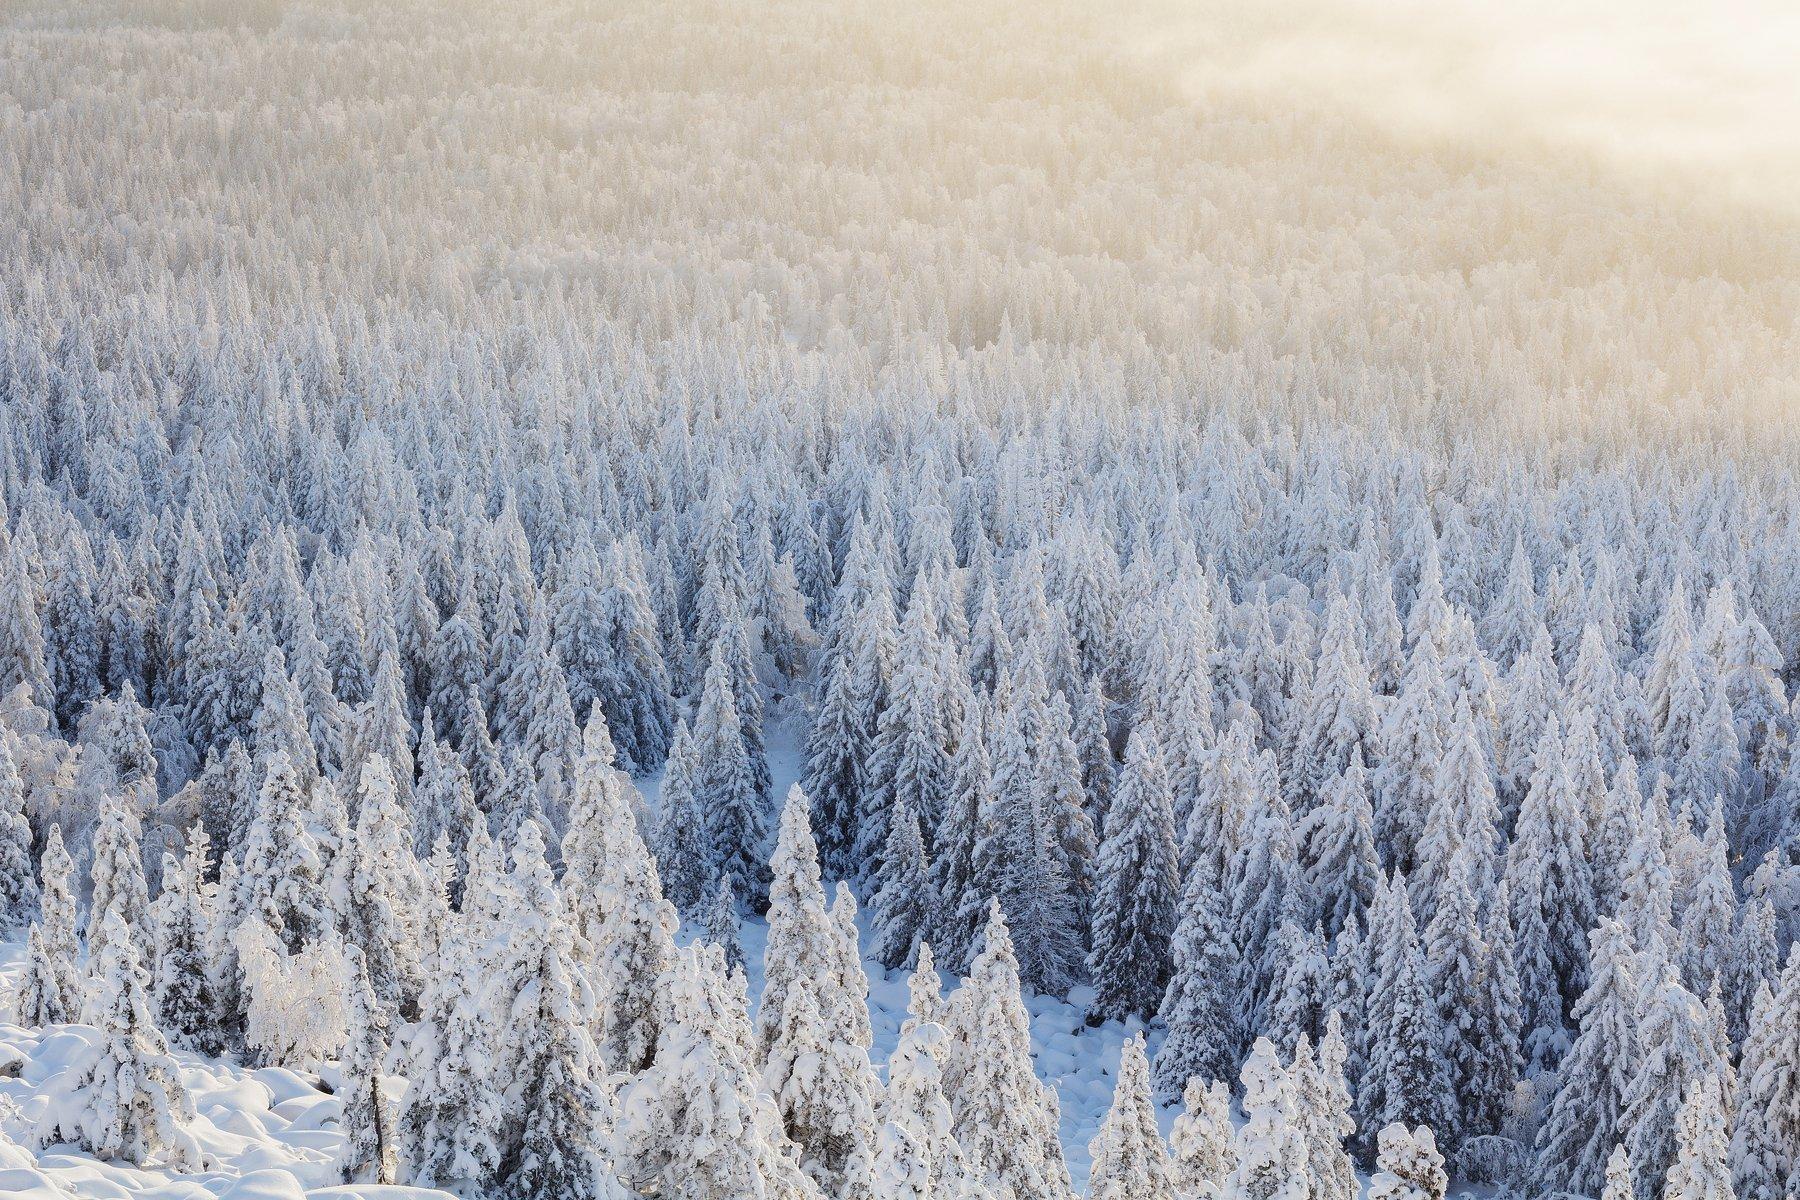 урал, южный урал, лес, зимний лес, зюраткуль, Сергей Гарифуллин